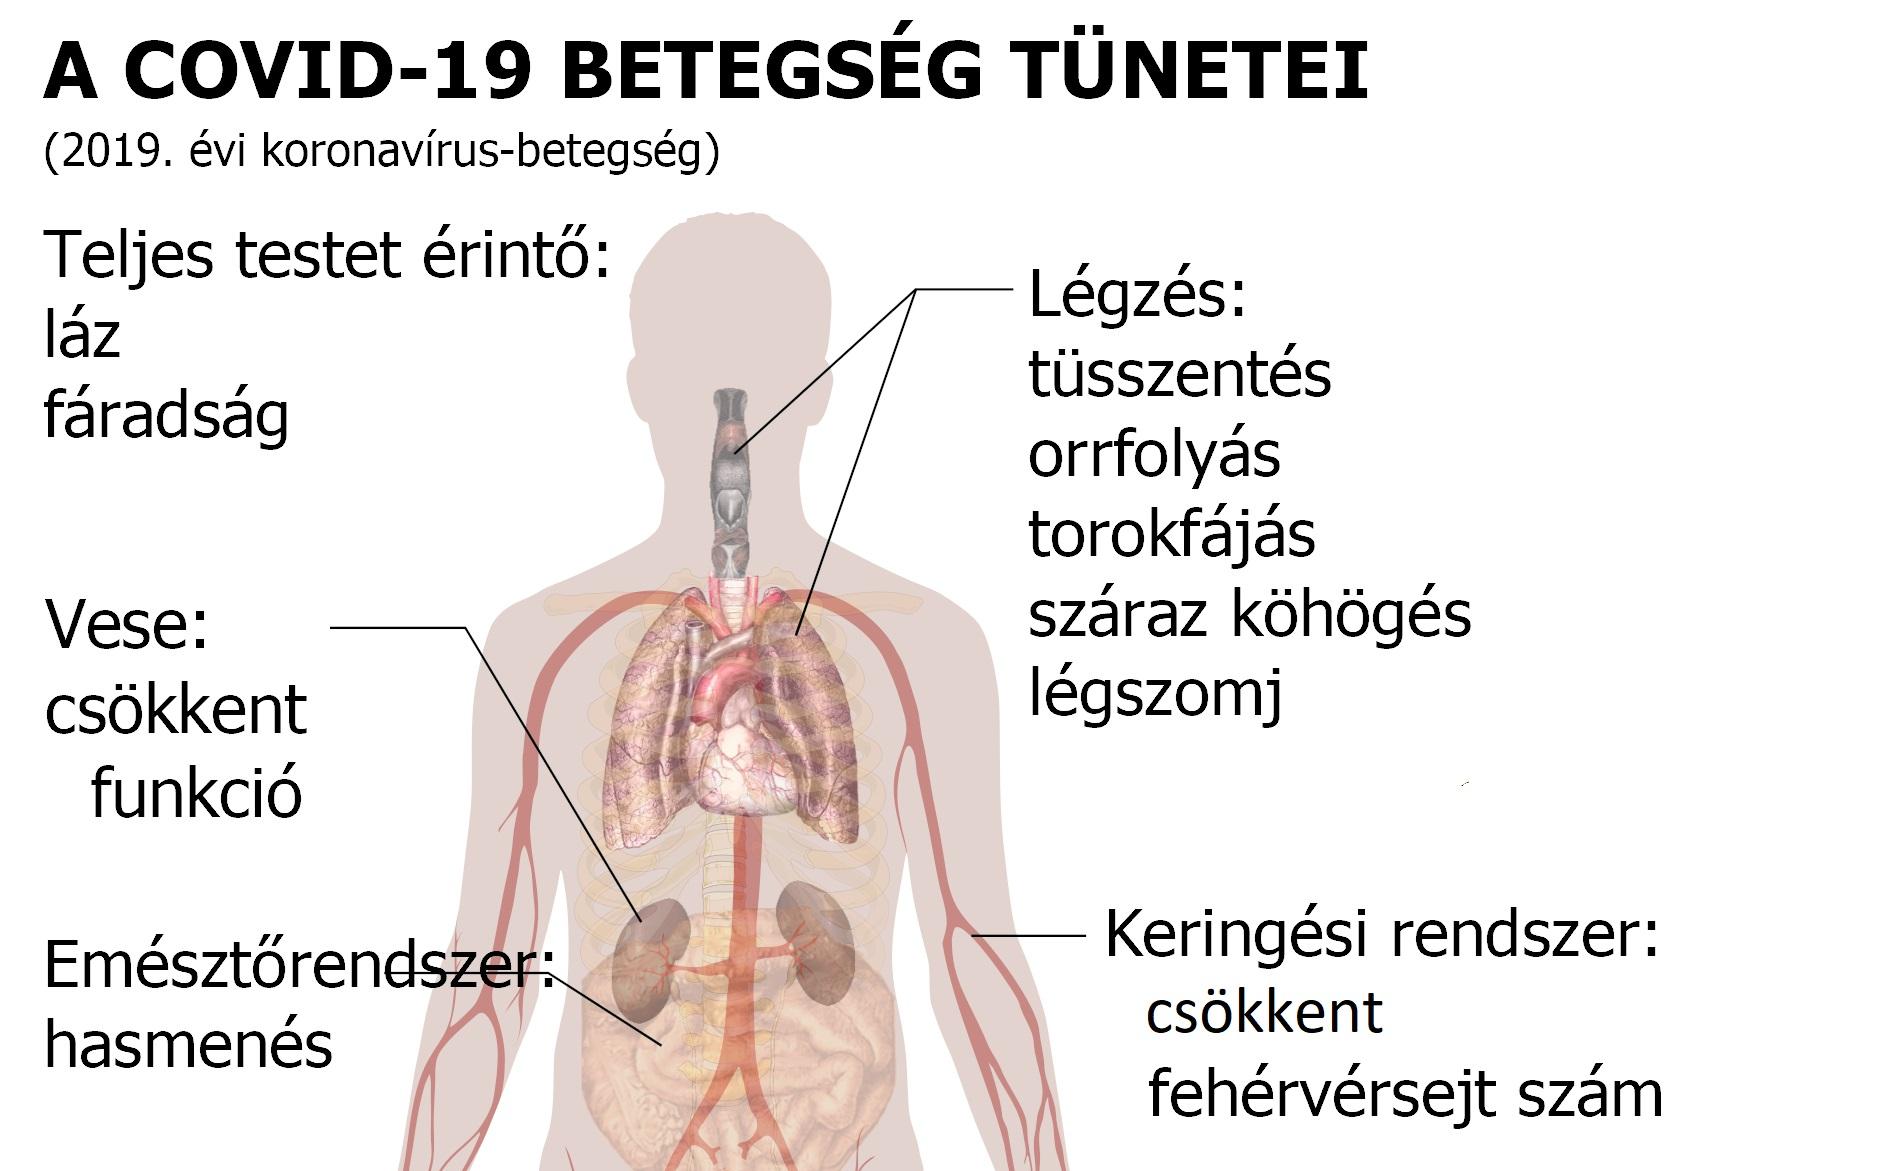 puhatestű-parazita az emberi test kezelésében